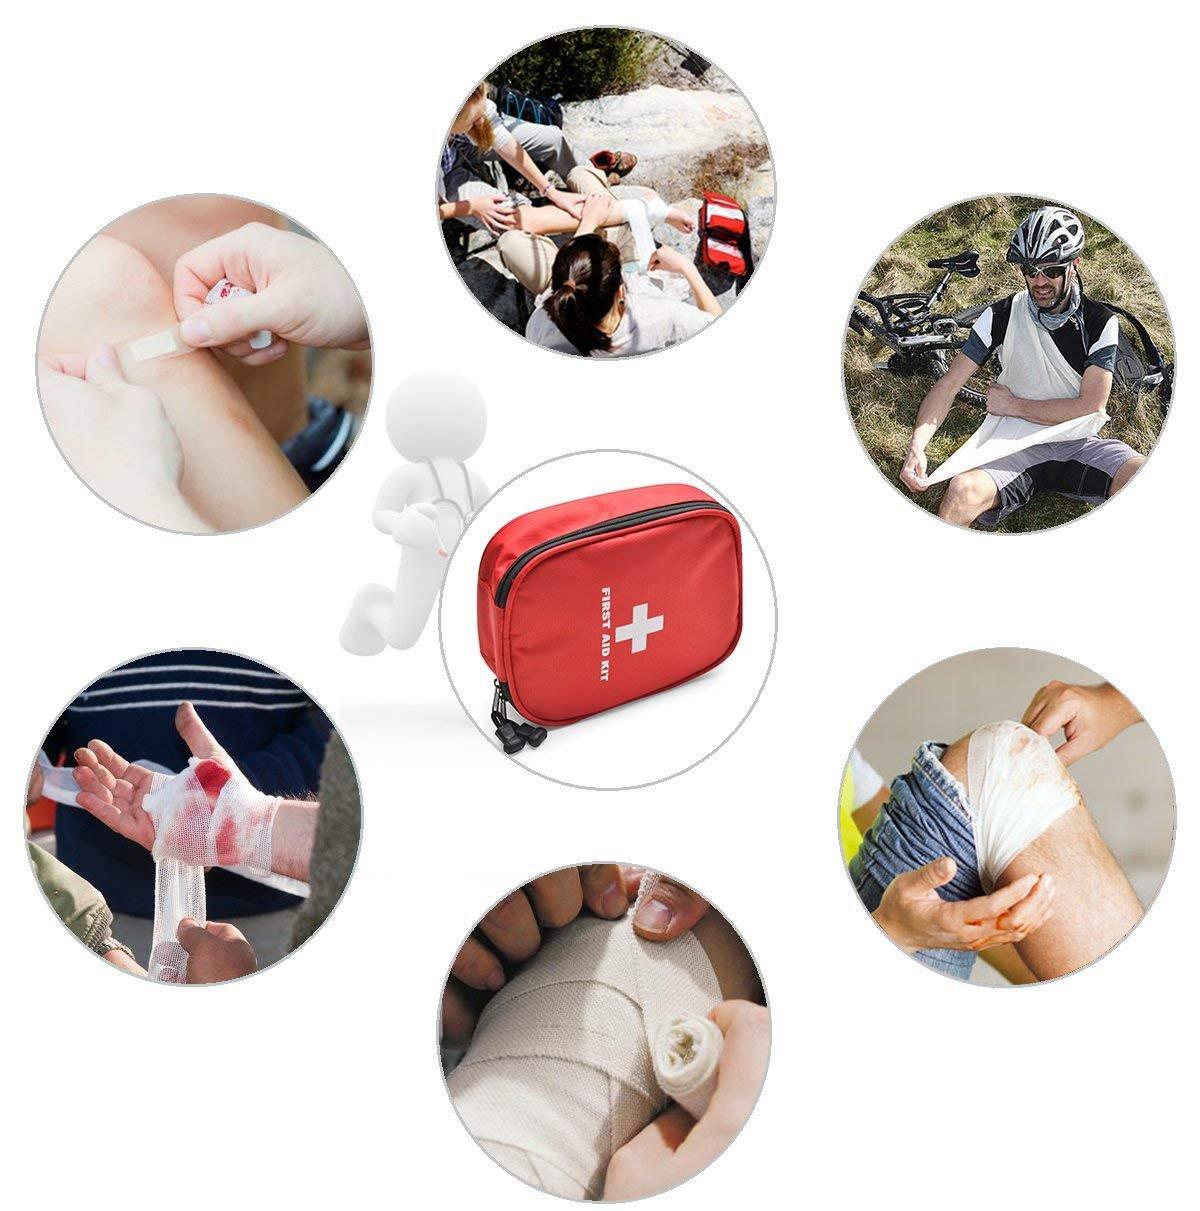 CAMMATE Kit de primeros auxilios de emergencia, 70 piezas Suministros médicos en bolsa de mini supervivencia para el hogar, viaje, vehículo, oficina, ...